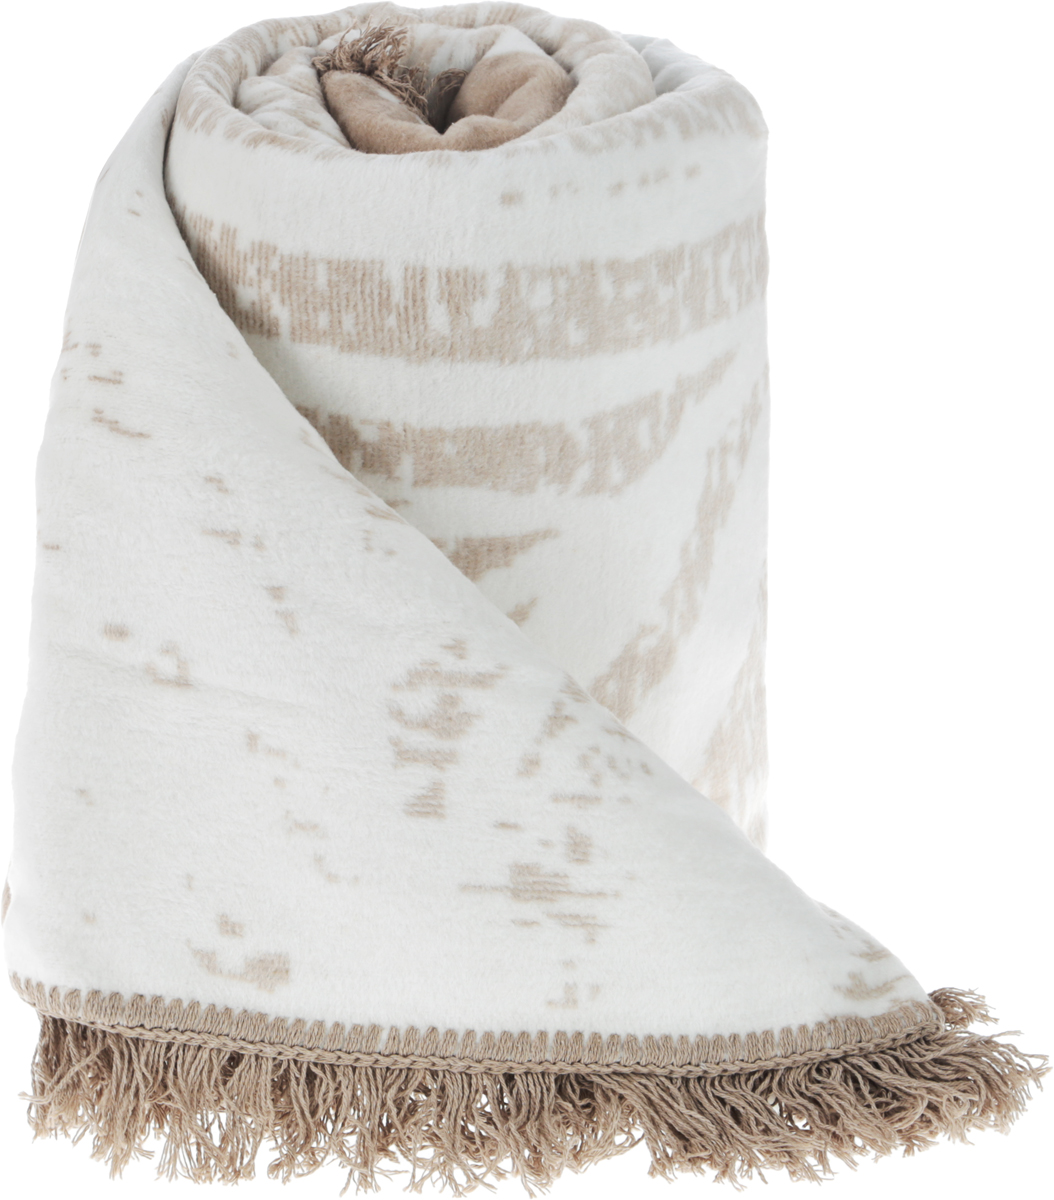 Плед Arya Oreo, цвет: бежево-серый, 200 x 220 смTRK111000017446Плед с орнаментом Arya Oreo, выполненный из хлопковой байки (хлопок с добавлением акрила и полиэстера), порадует вас легкостью,нежностью и оригинальным дизайном. Байка - мягкая ткань с густым начёсом с двух сторон. Традиционно из хлопковой байки делают детские одеяла, которые можно стирать игладить при высокой температуре. После первой стирки ворс на байке немного оседает, зато после этого одеяло долгие годы будет сохранятьвнешний вид и мягкость. Под байковым одеялом невозможно вспотеть, оно отлично впитывает и отводит влагу, поэтому такие одеяла используютдля детей с самого рождения. Плед - это такой подарок, который будет всегда актуален,особенно для ваших родных и близких, ведь вы дарите имчастичку своего тепла.